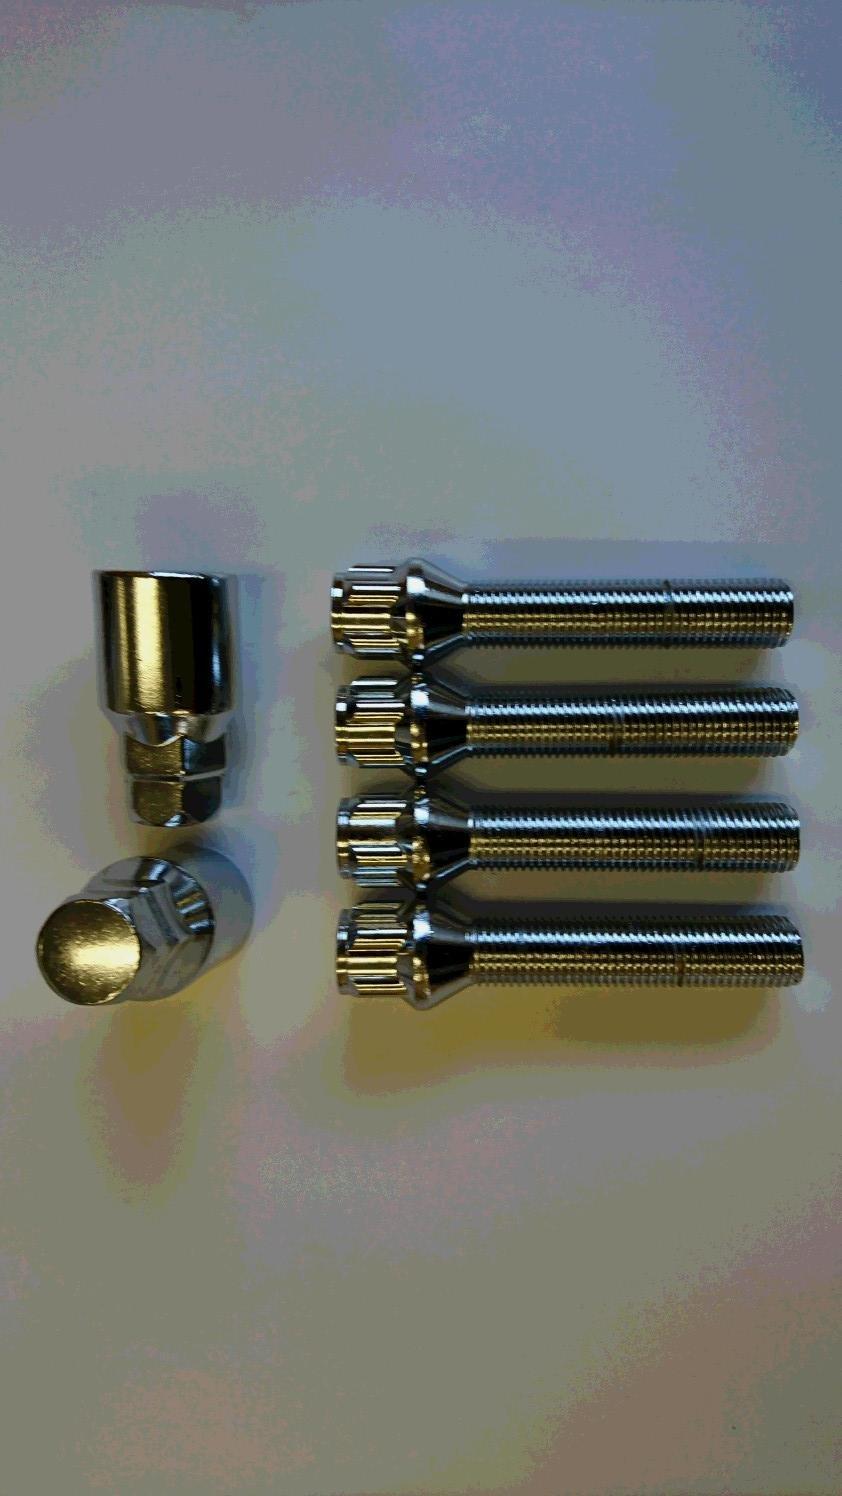 メッキロックボルト テーパー 14x1.5 首下25mm~60mm 1mm単位で選択可能 B076WPL4TV